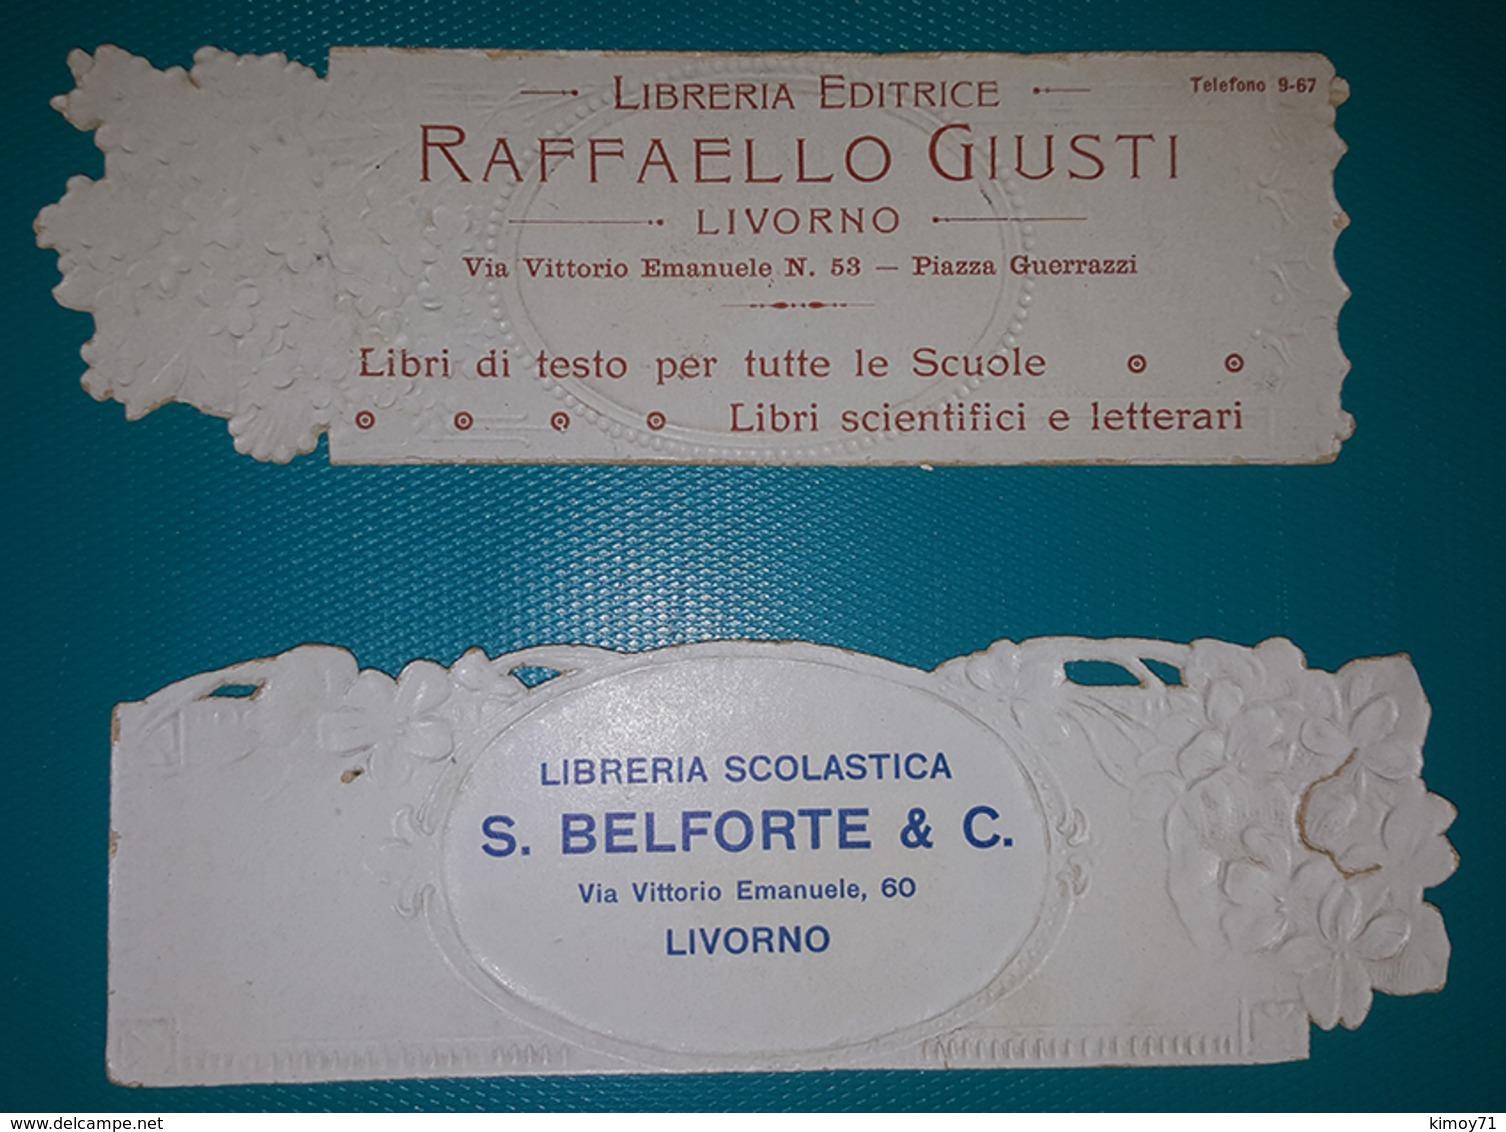 Segnalibri Illustrati Pubblicitari - Libreria Editrice Raffaello Giusti E Libreria Scolastica S. Belforte E C. - Segnalibri